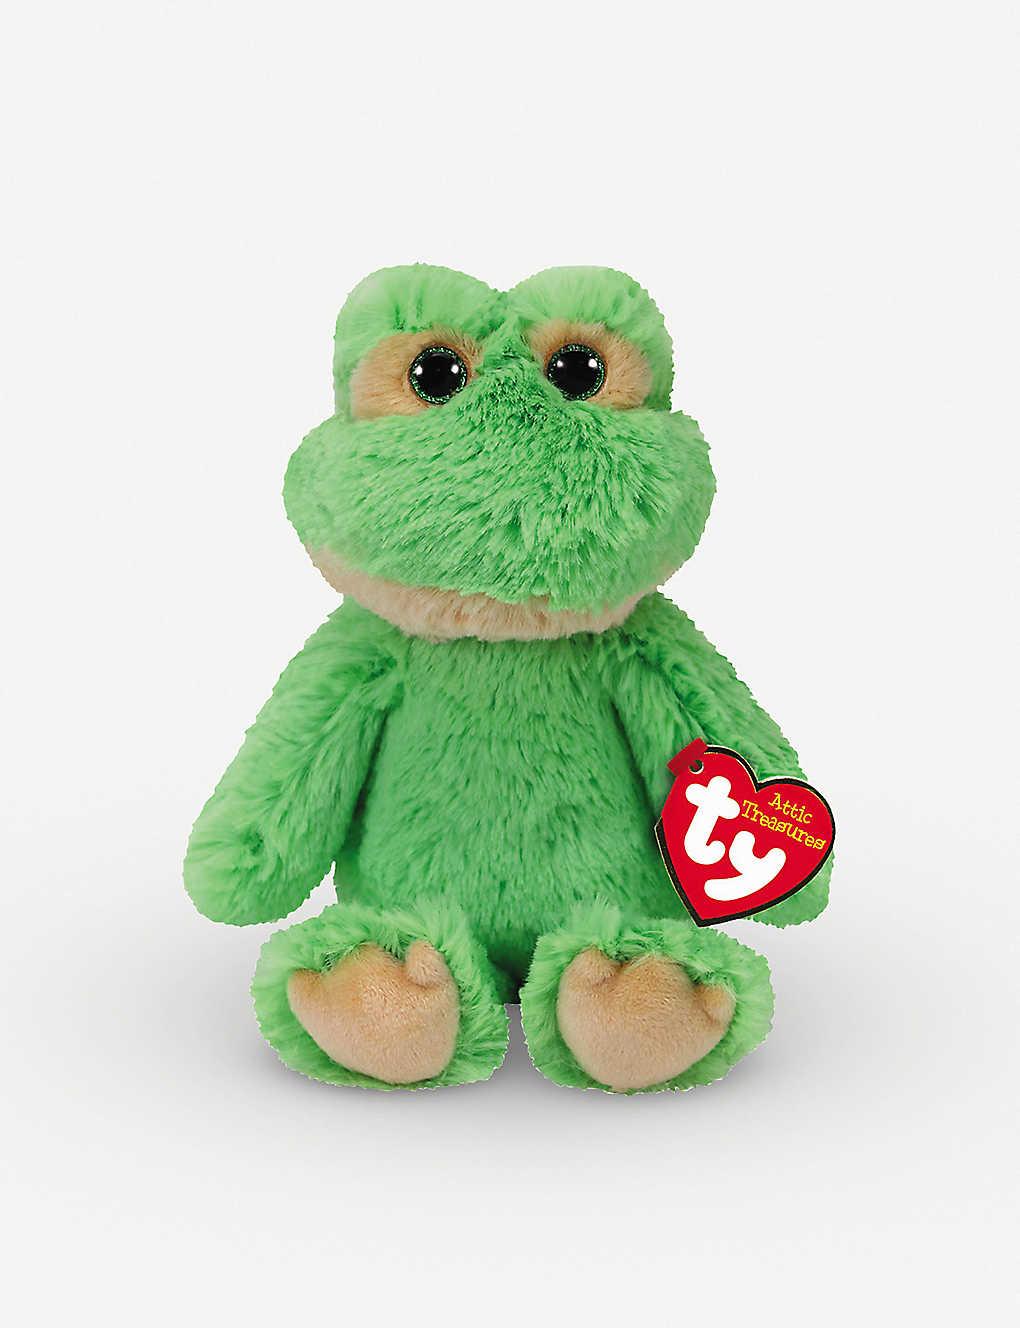 ATTIC TREASURES - Ty Floyd the Frog plush beanie baby 15cm ... 82ddd4660b9